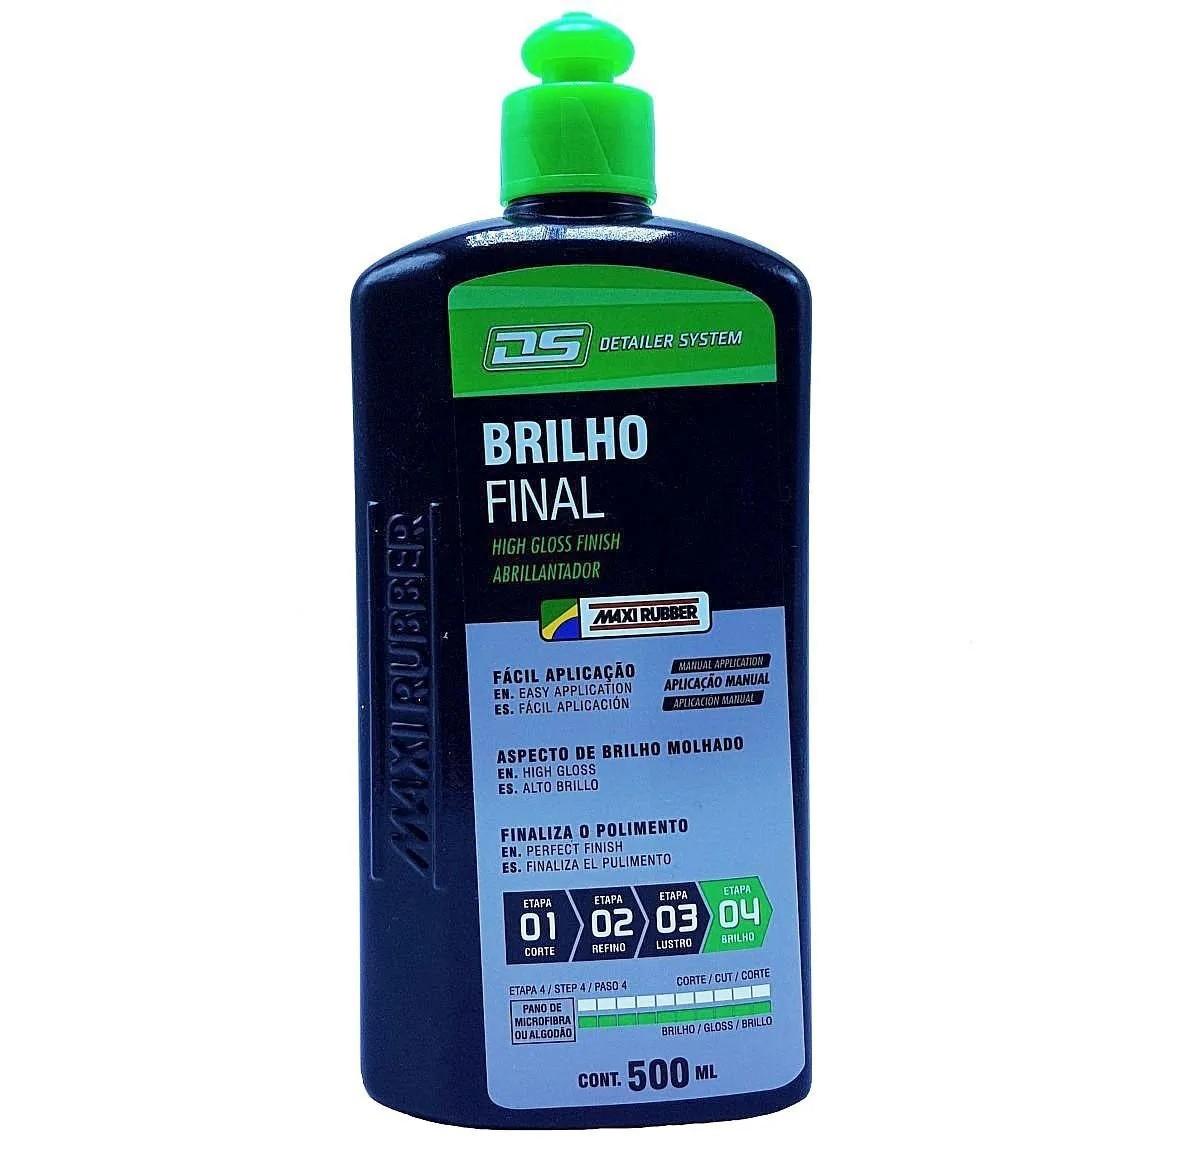 Liquido Finalizador Brilho Final Detailer System 500ml Maxi Rubber